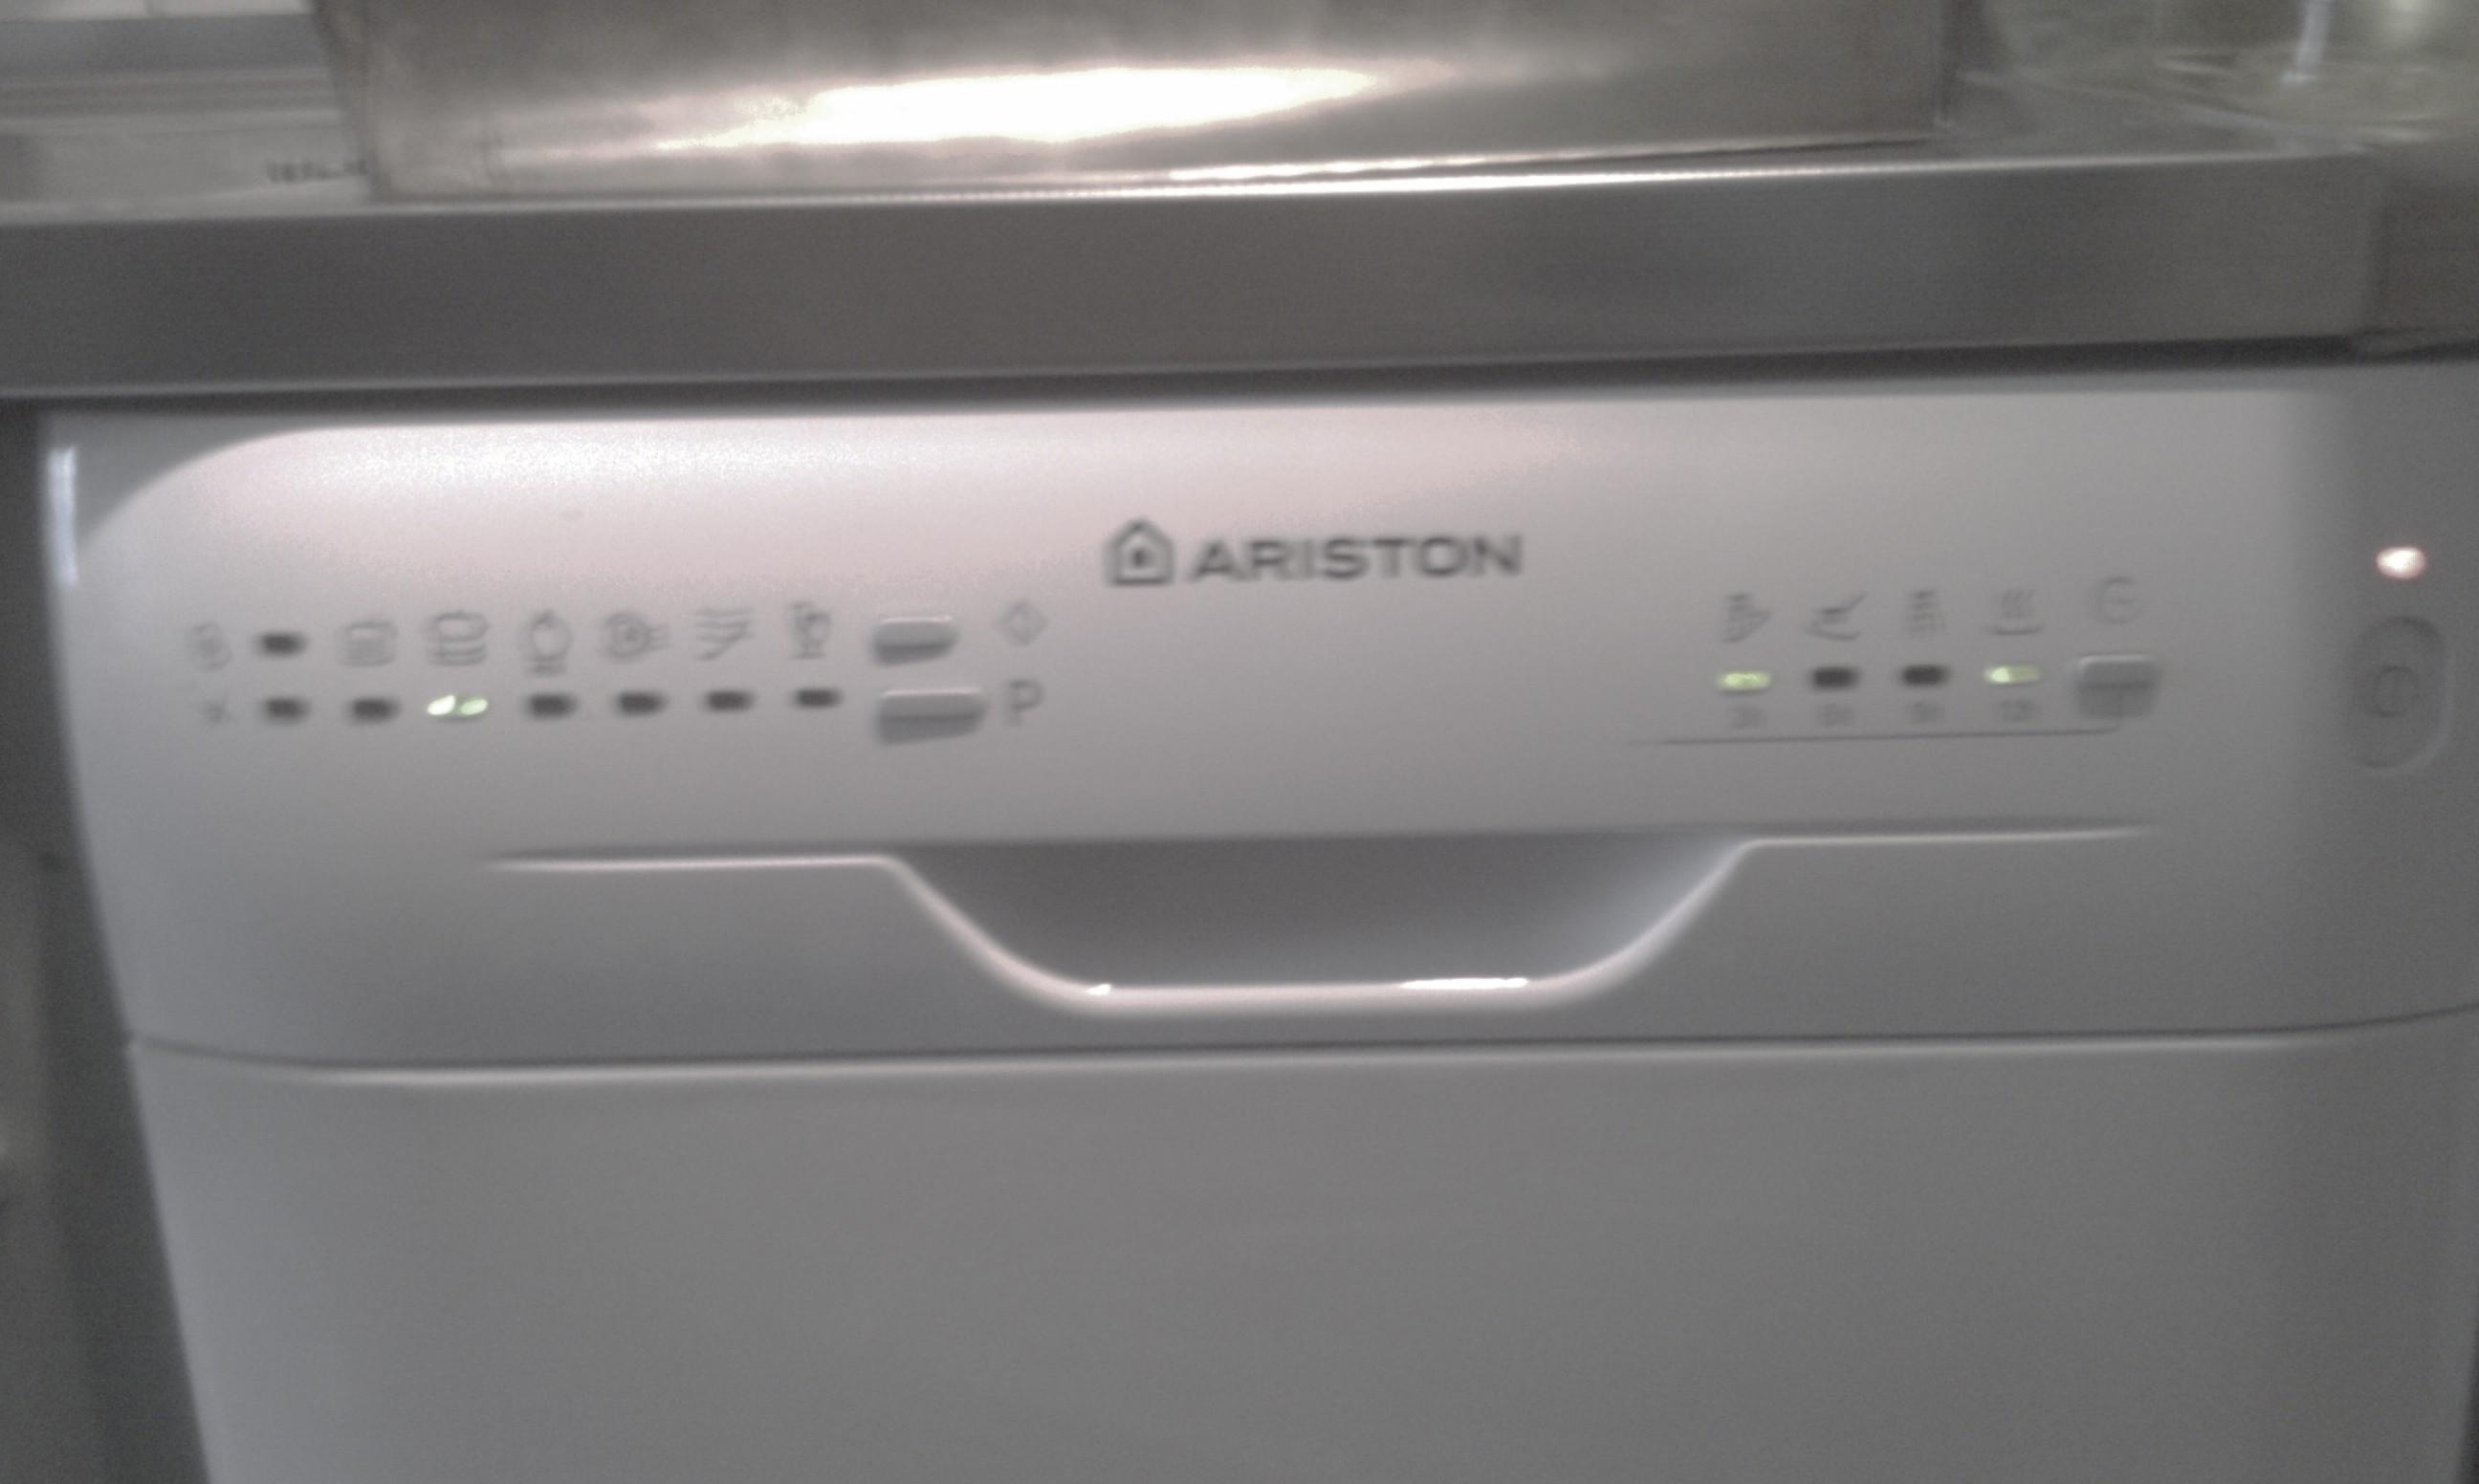 Zmywarka Ariston LL 42 - Zmywarka nie dzia�a, nie reaguje